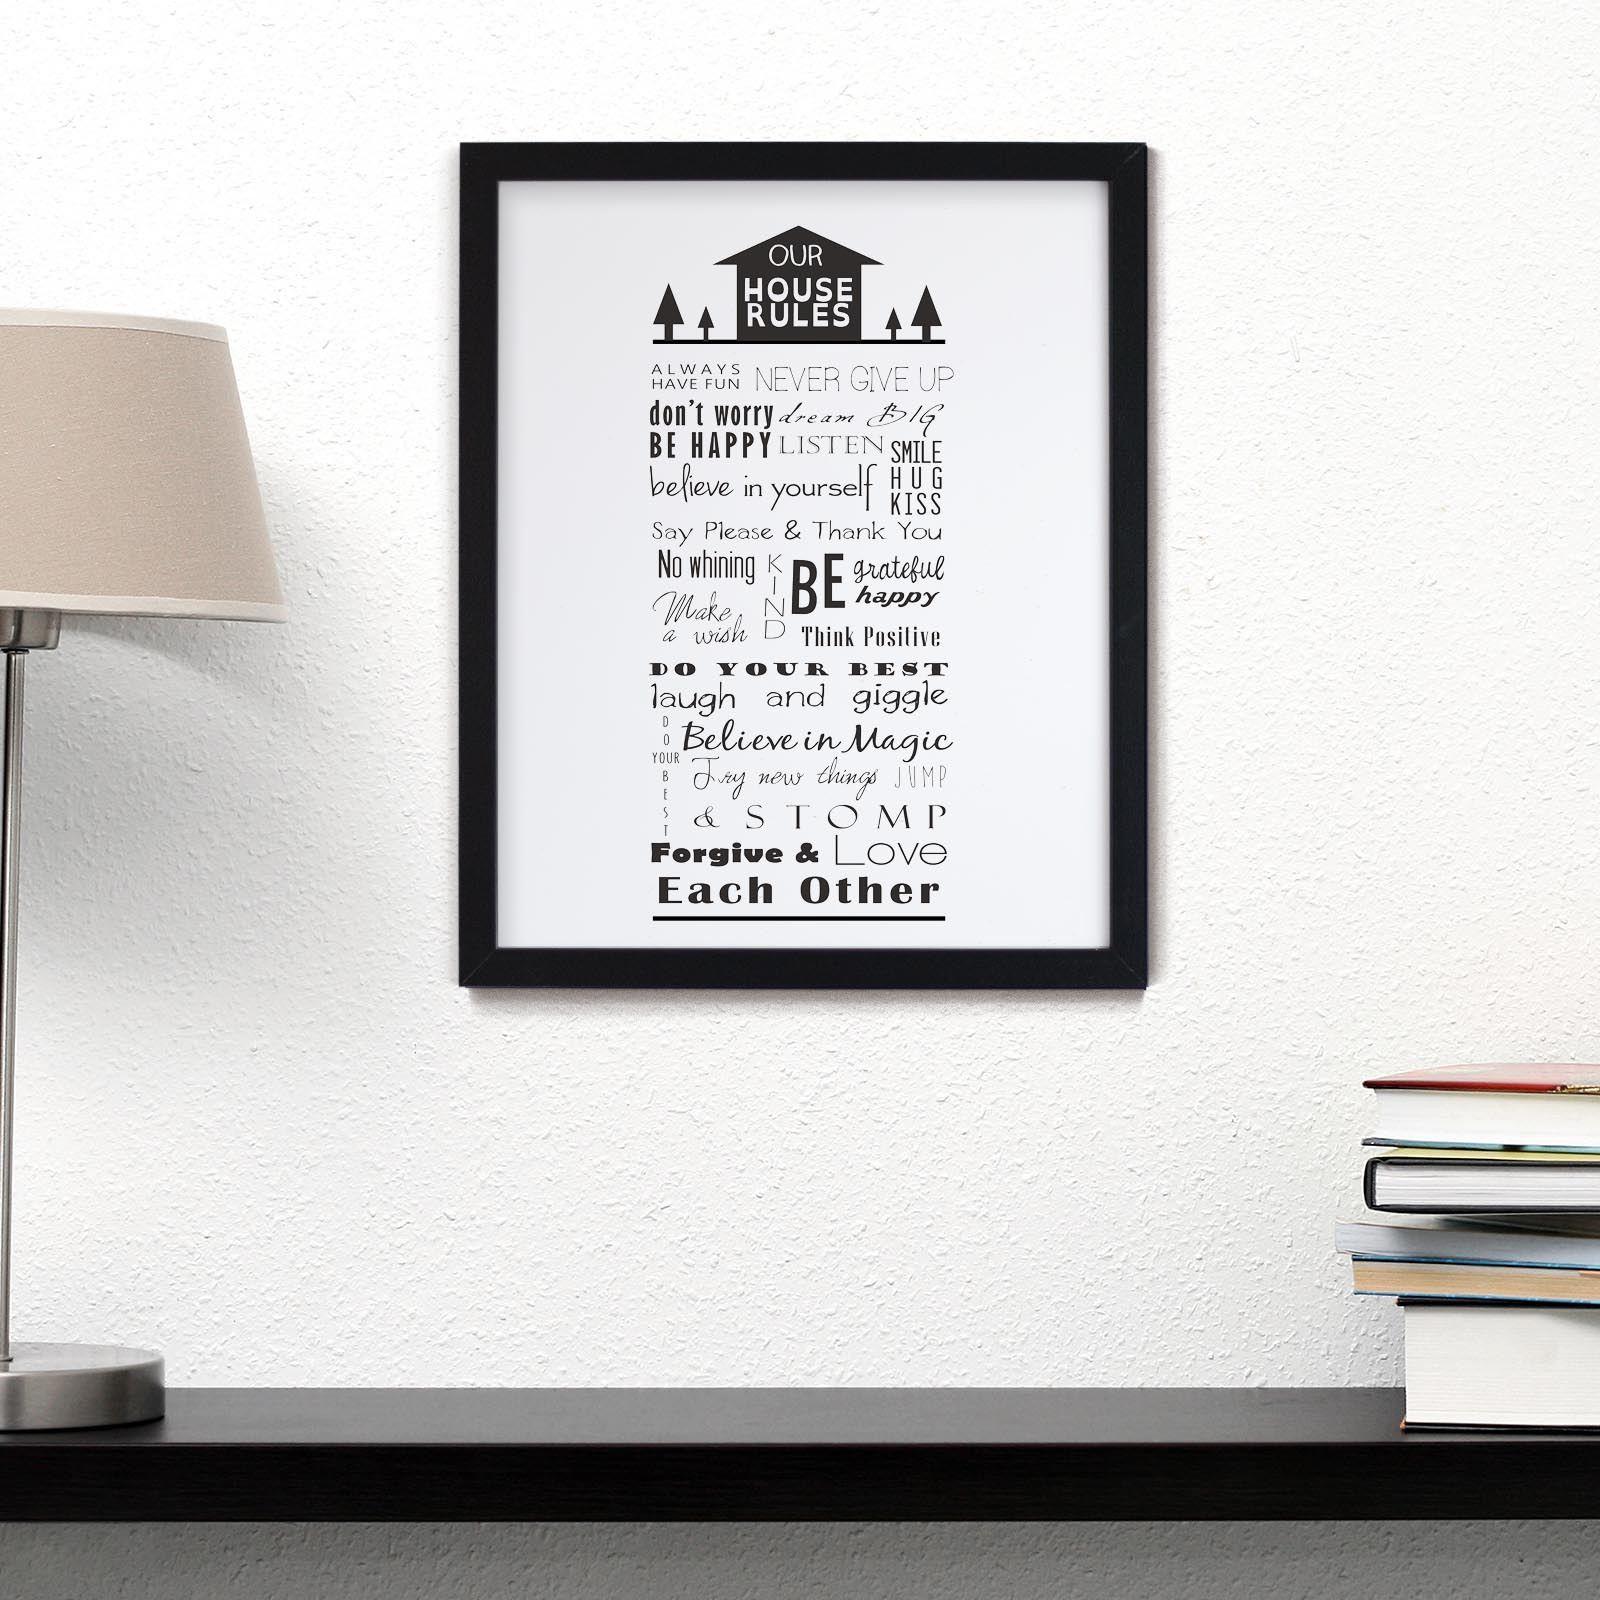 bild bilder mit spr chen rahmen hausregeln wei und schwarz poster ebay. Black Bedroom Furniture Sets. Home Design Ideas